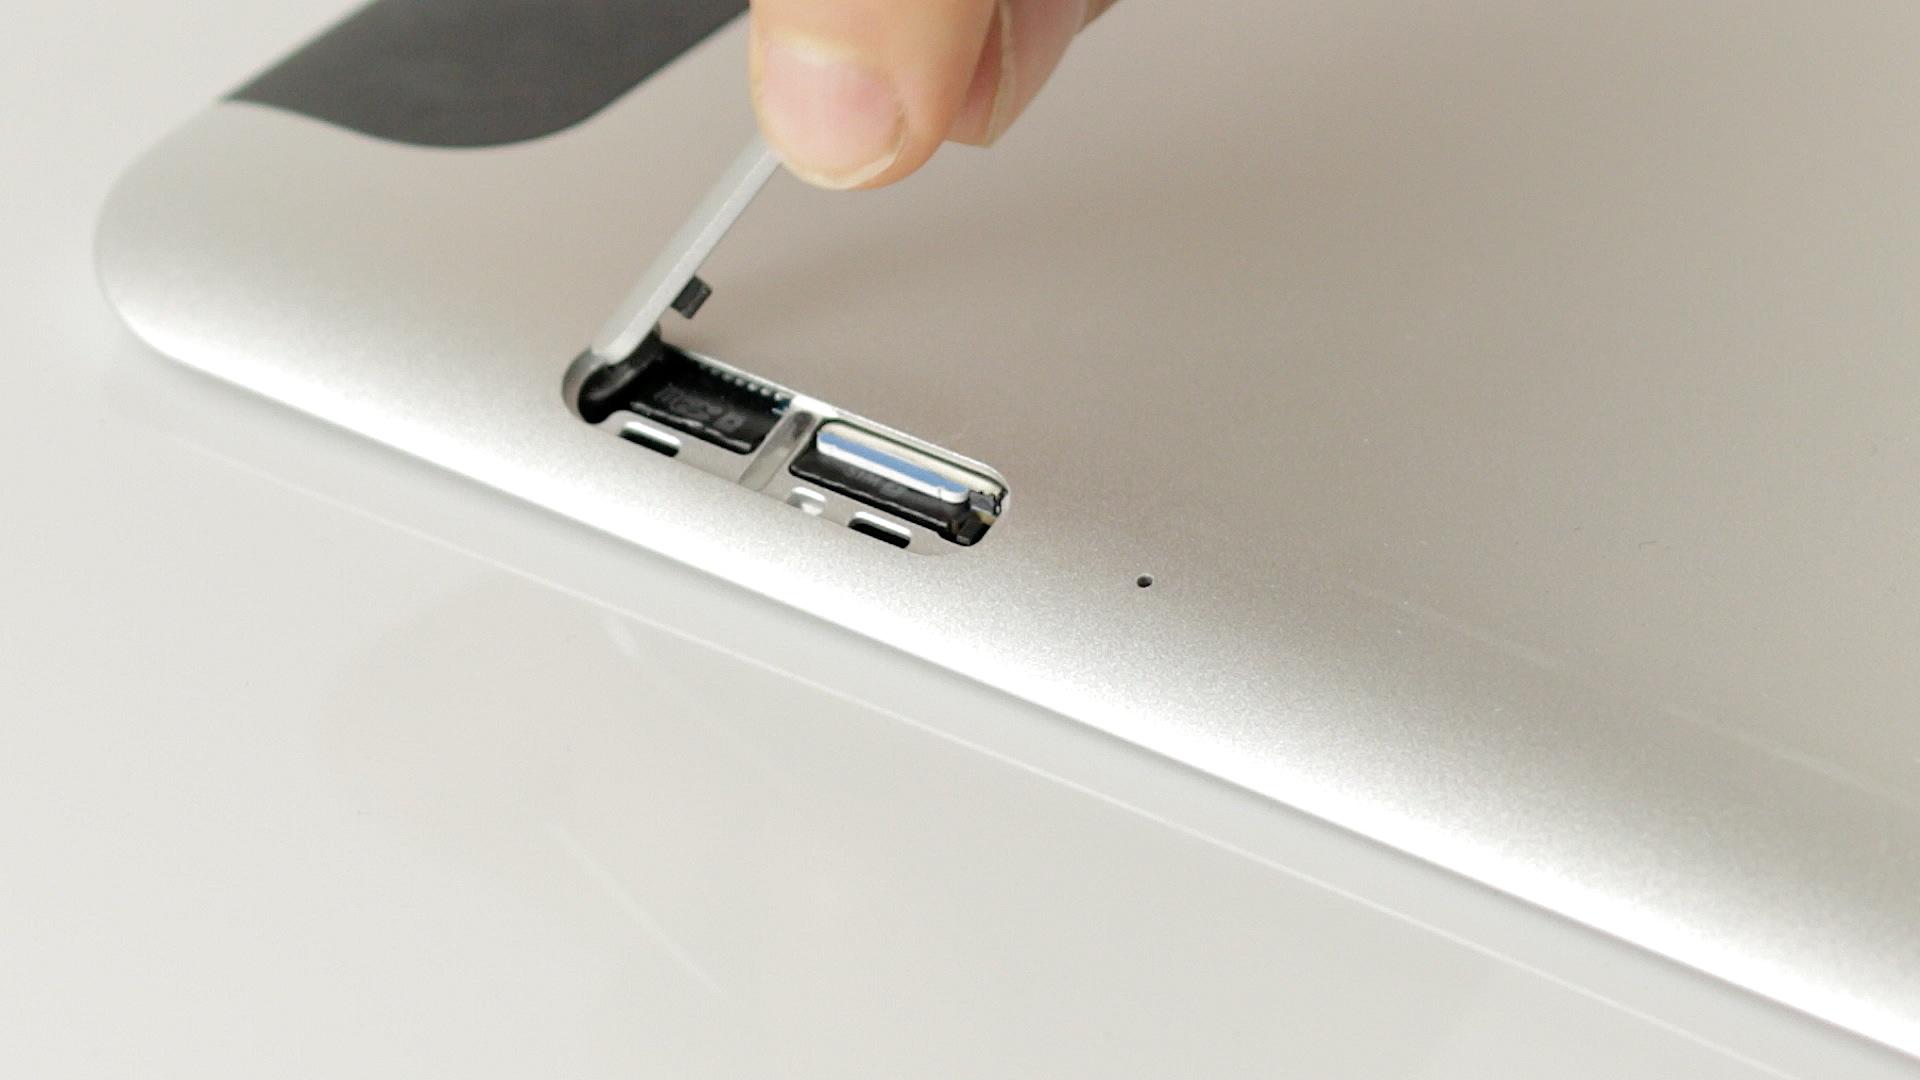 HP Elitepad 1000 G2 im Test: Praktisches Arbeitsgerät dank Zubehör - Der Micro-SD- und SIM-Kartenschacht befindet sich unter einer Abdeckung. (Bild:Michael Wieczorek/Golem.de)